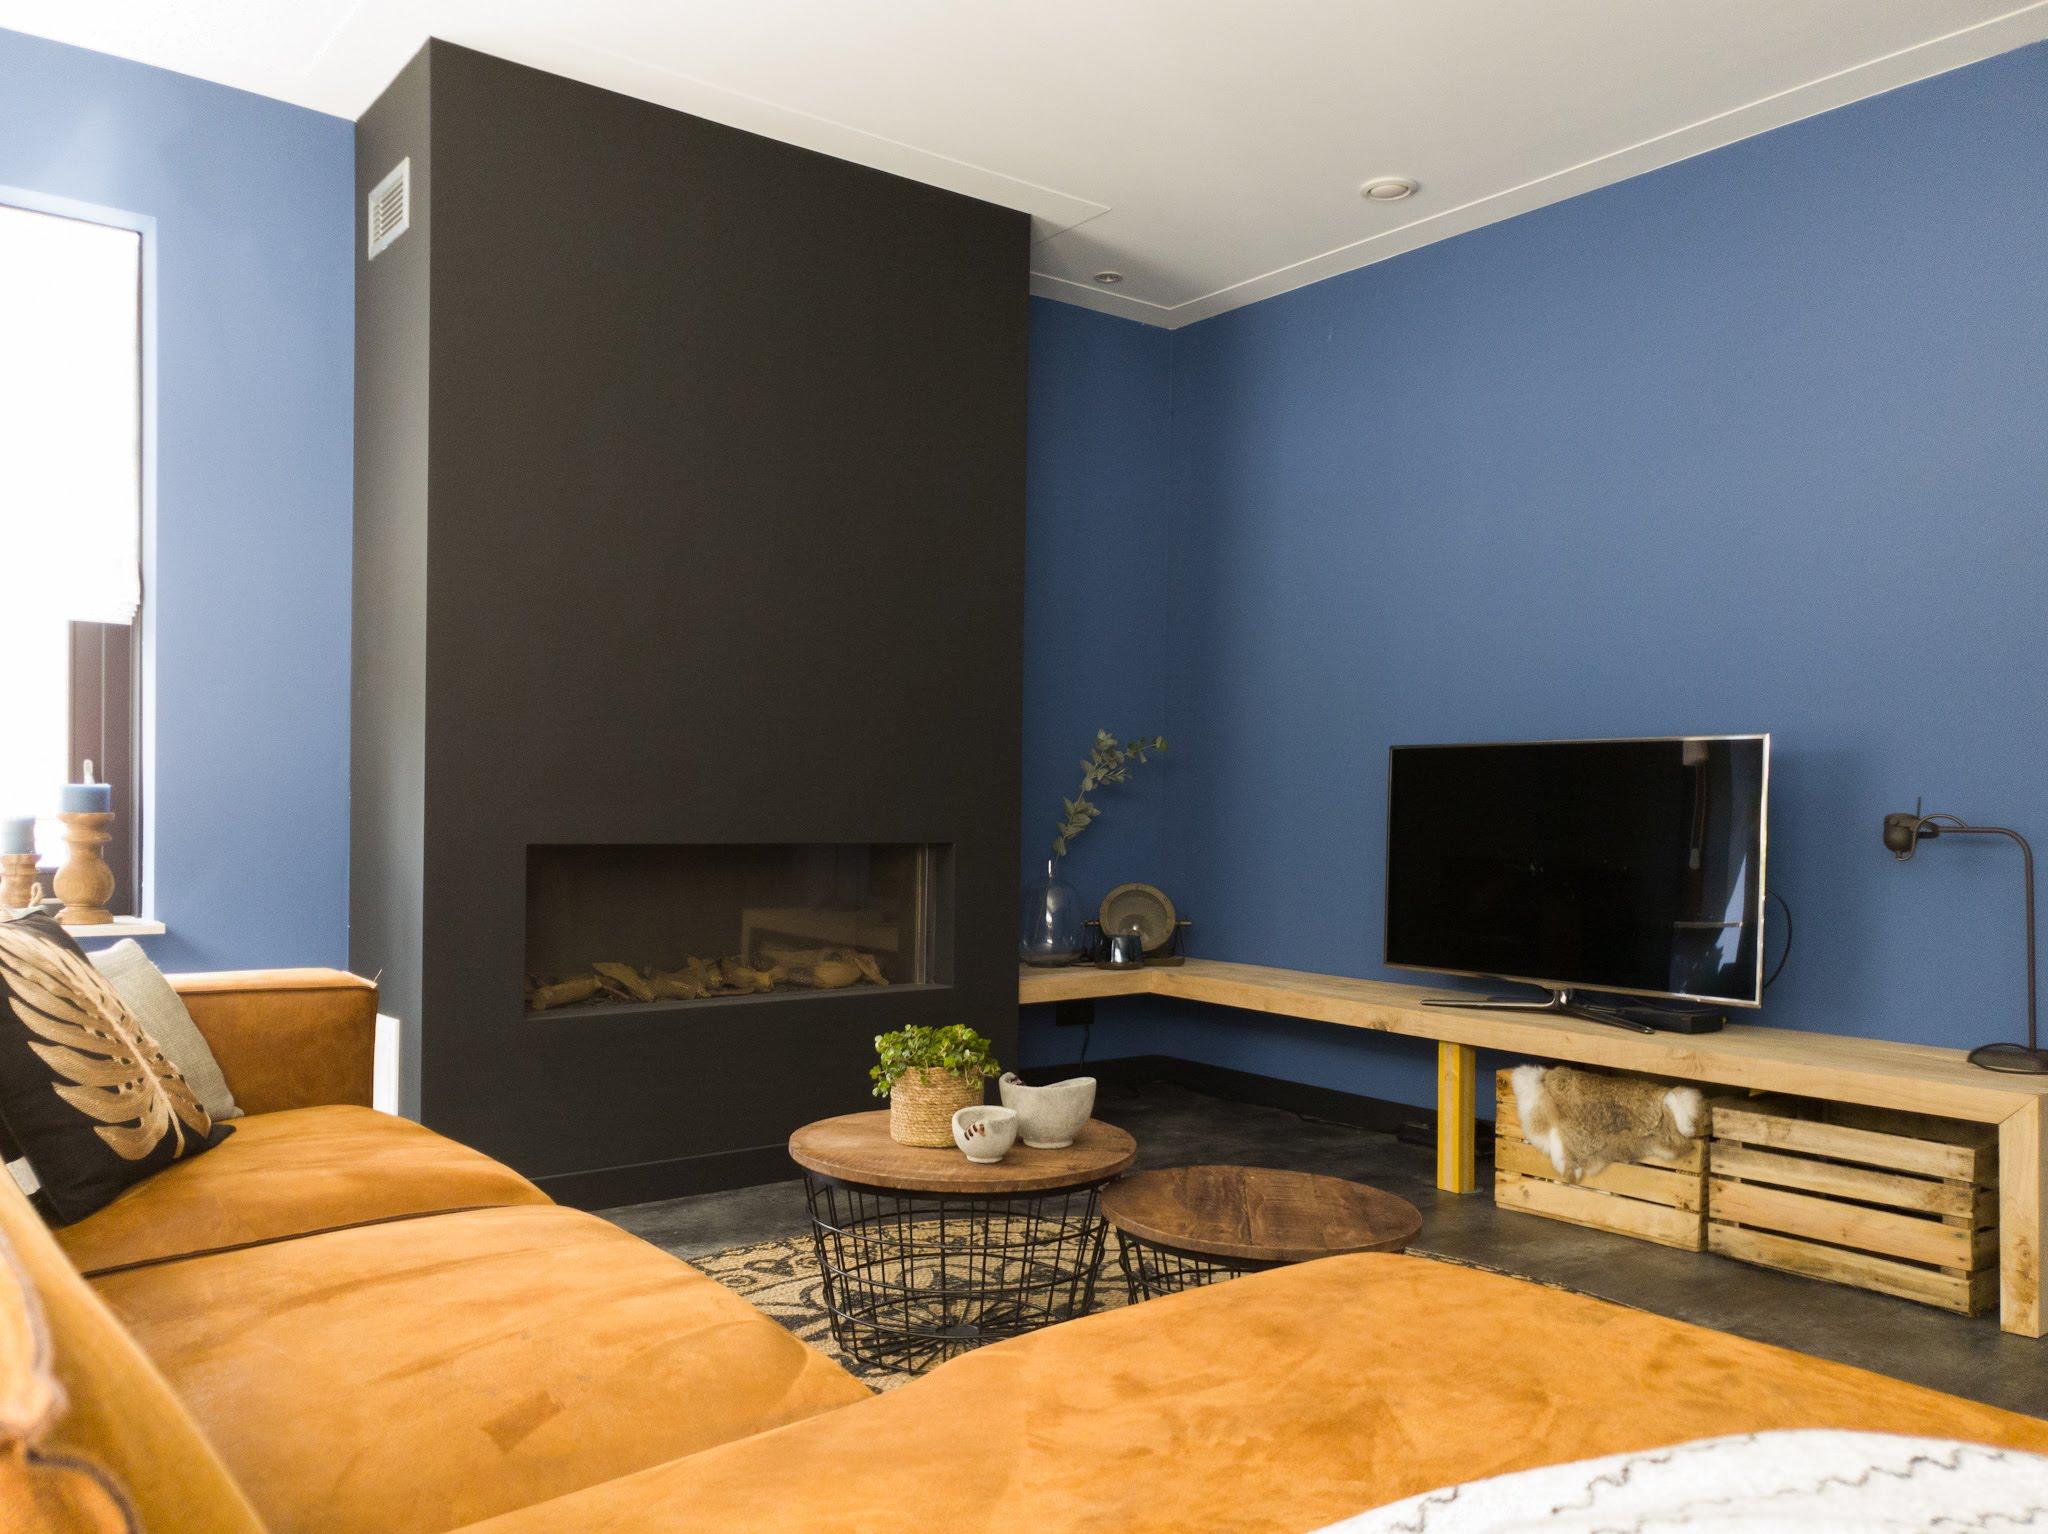 Herinrichting kleuradvies interieurontwerp woonkamer eetkamer cognac zwart blauw (1)